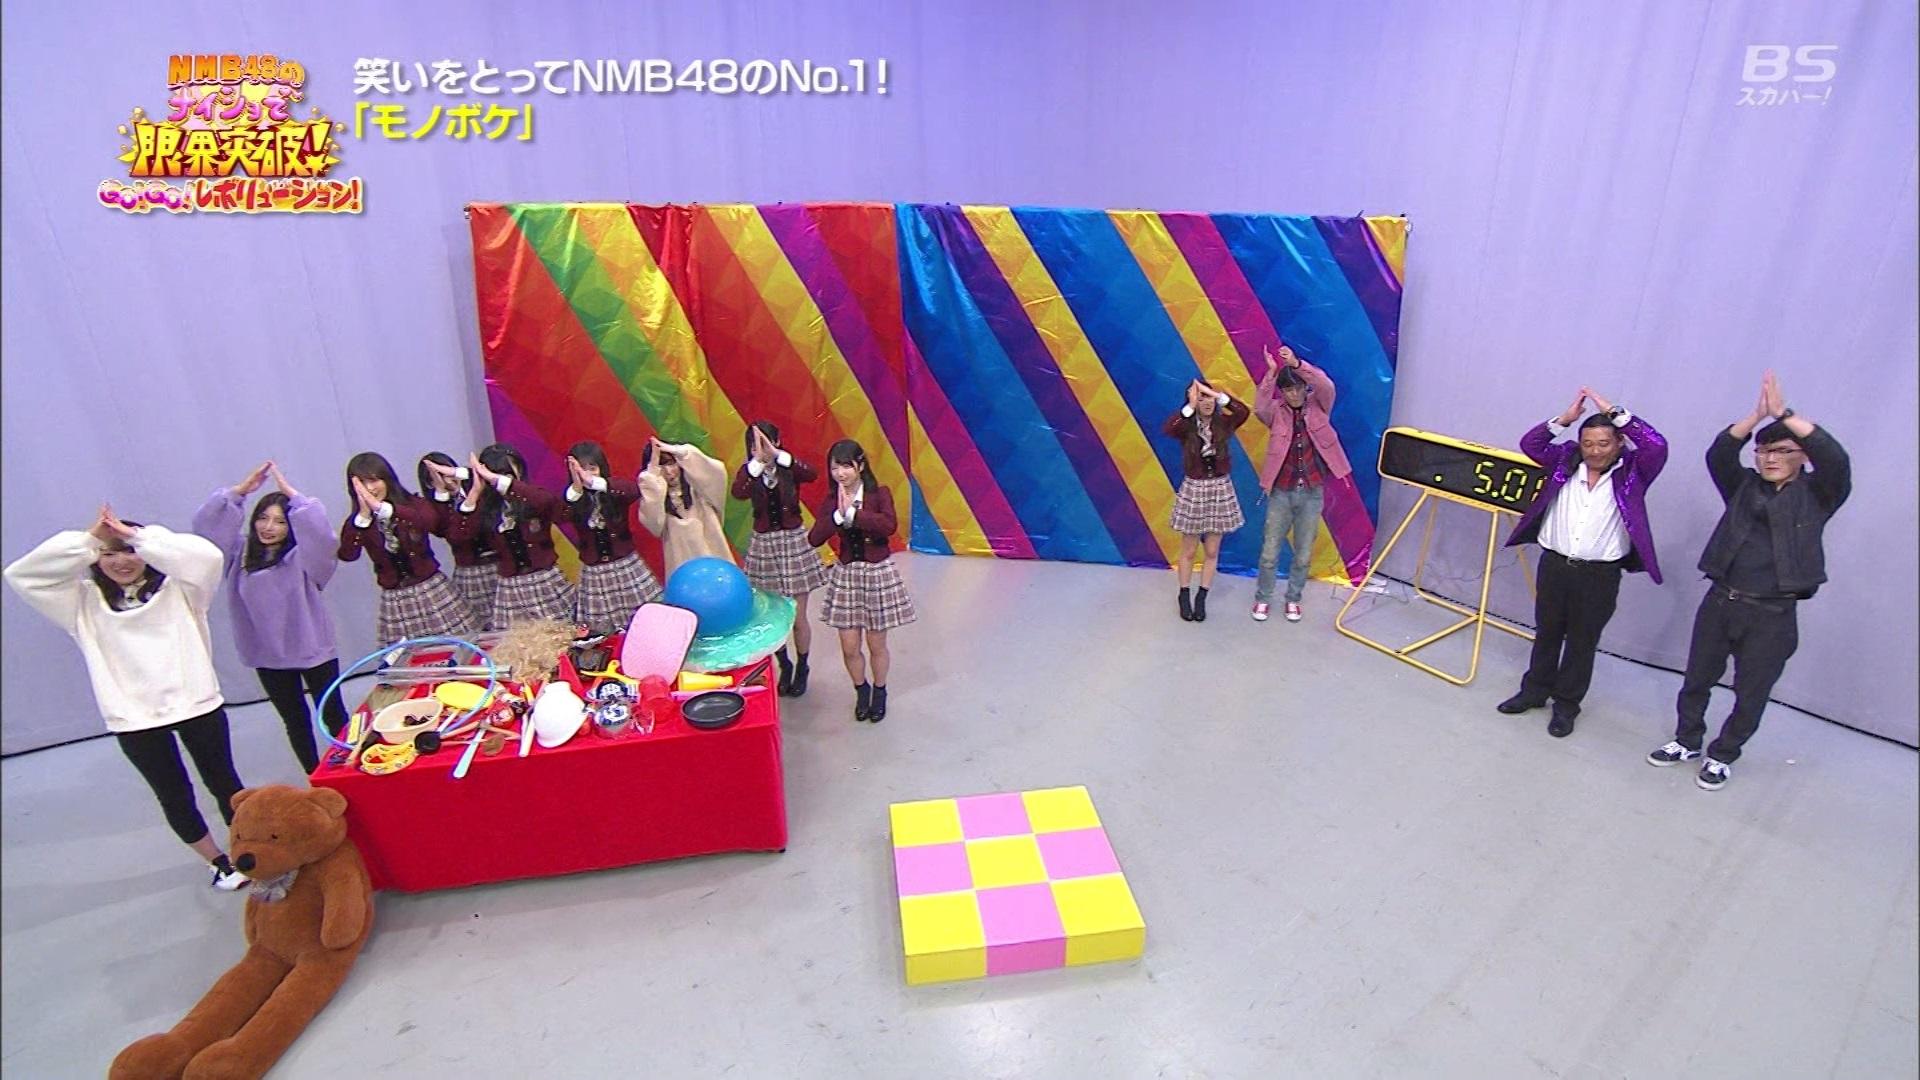 【NMB48】1/27「NMB48のナイショで限界突破!GO!GO!レボリューション」モノボケとMVP発表。